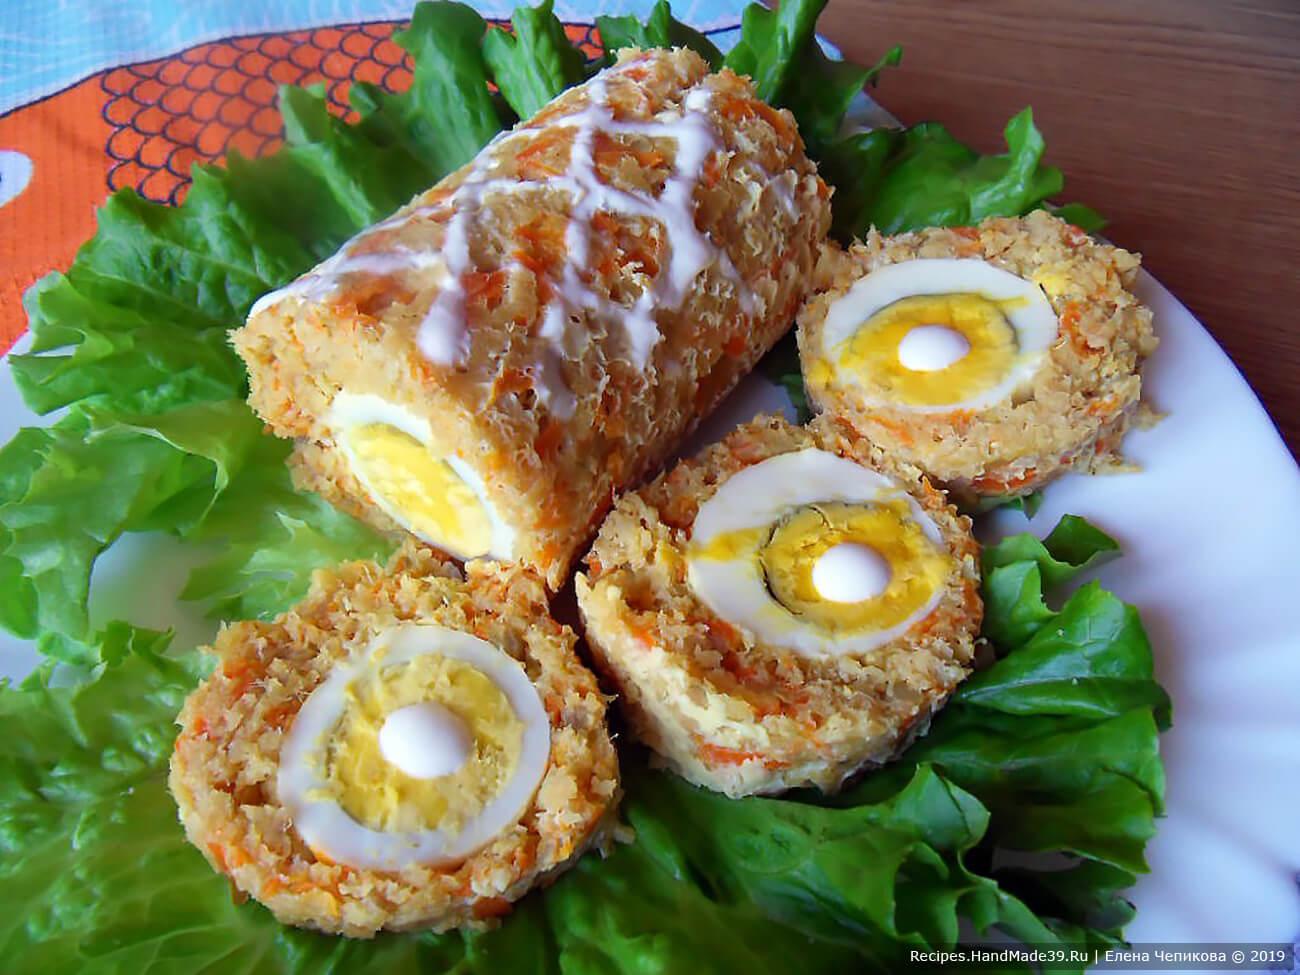 Как приготовить вкусный рыбный рулет с яйцом и овощами, запечённый в духовке – пошаговый рецепт с фото